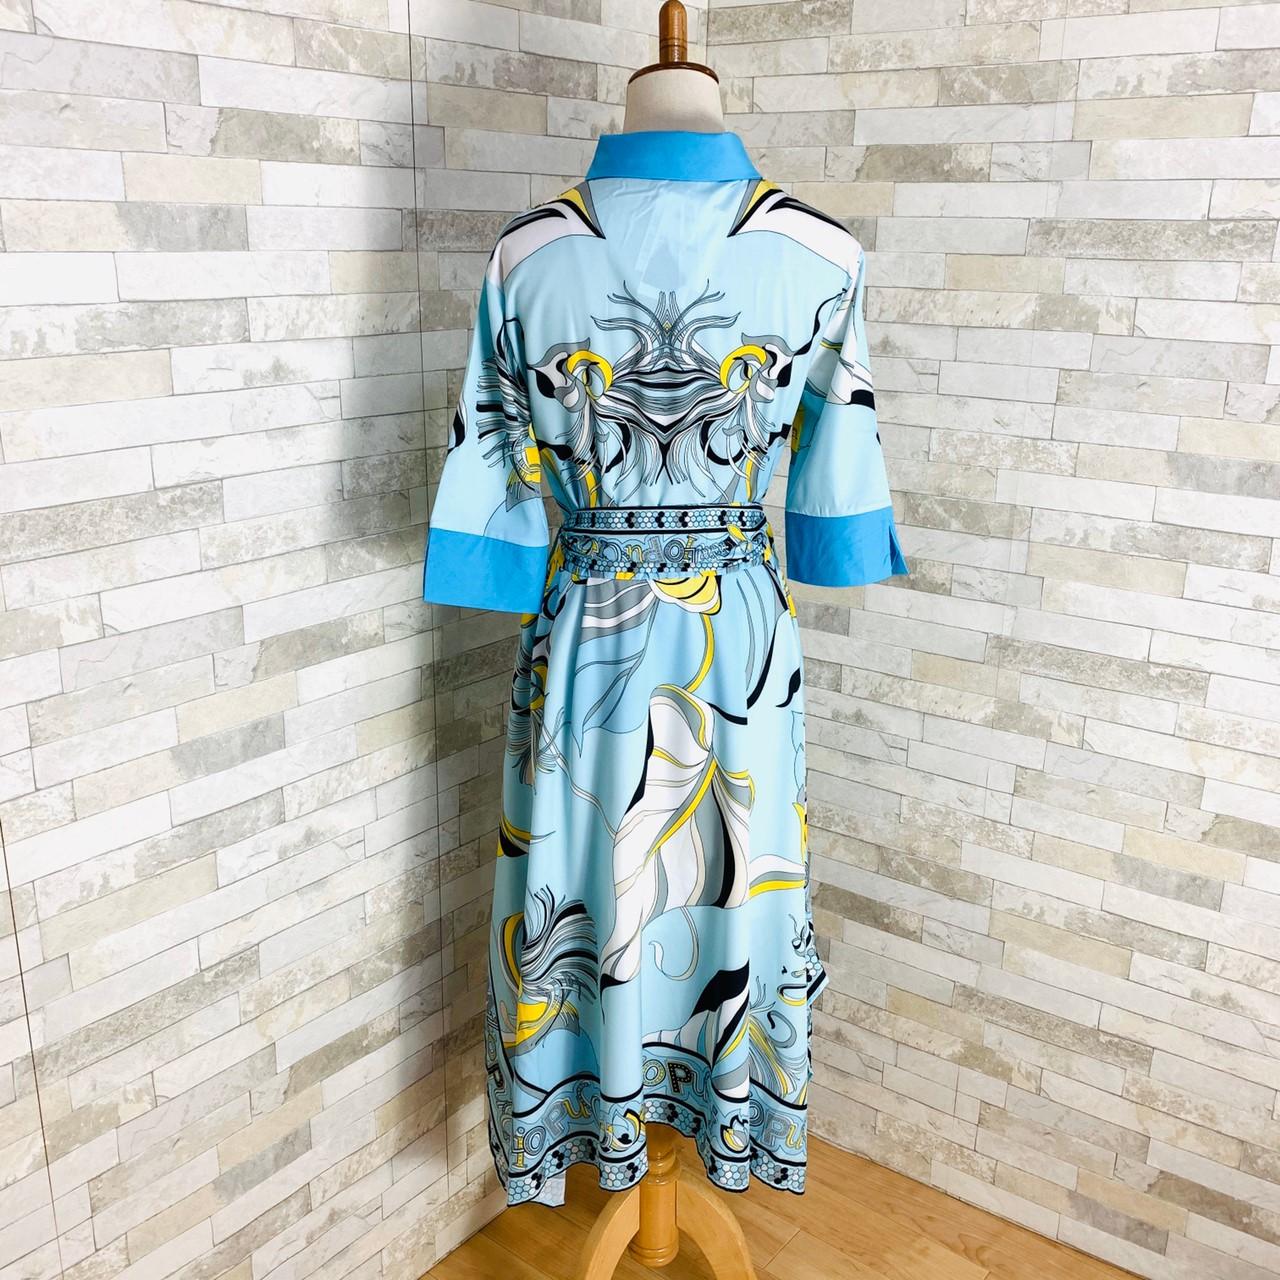 【即納】韓国 ファッション ワンピース パーティードレス ひざ丈 ミディアム 夏 春 パーティー ブライダル SPTXF023 結婚式 お呼ばれ リゾートワンピース ハワイ  二次会 セレブ きれいめの写真14枚目